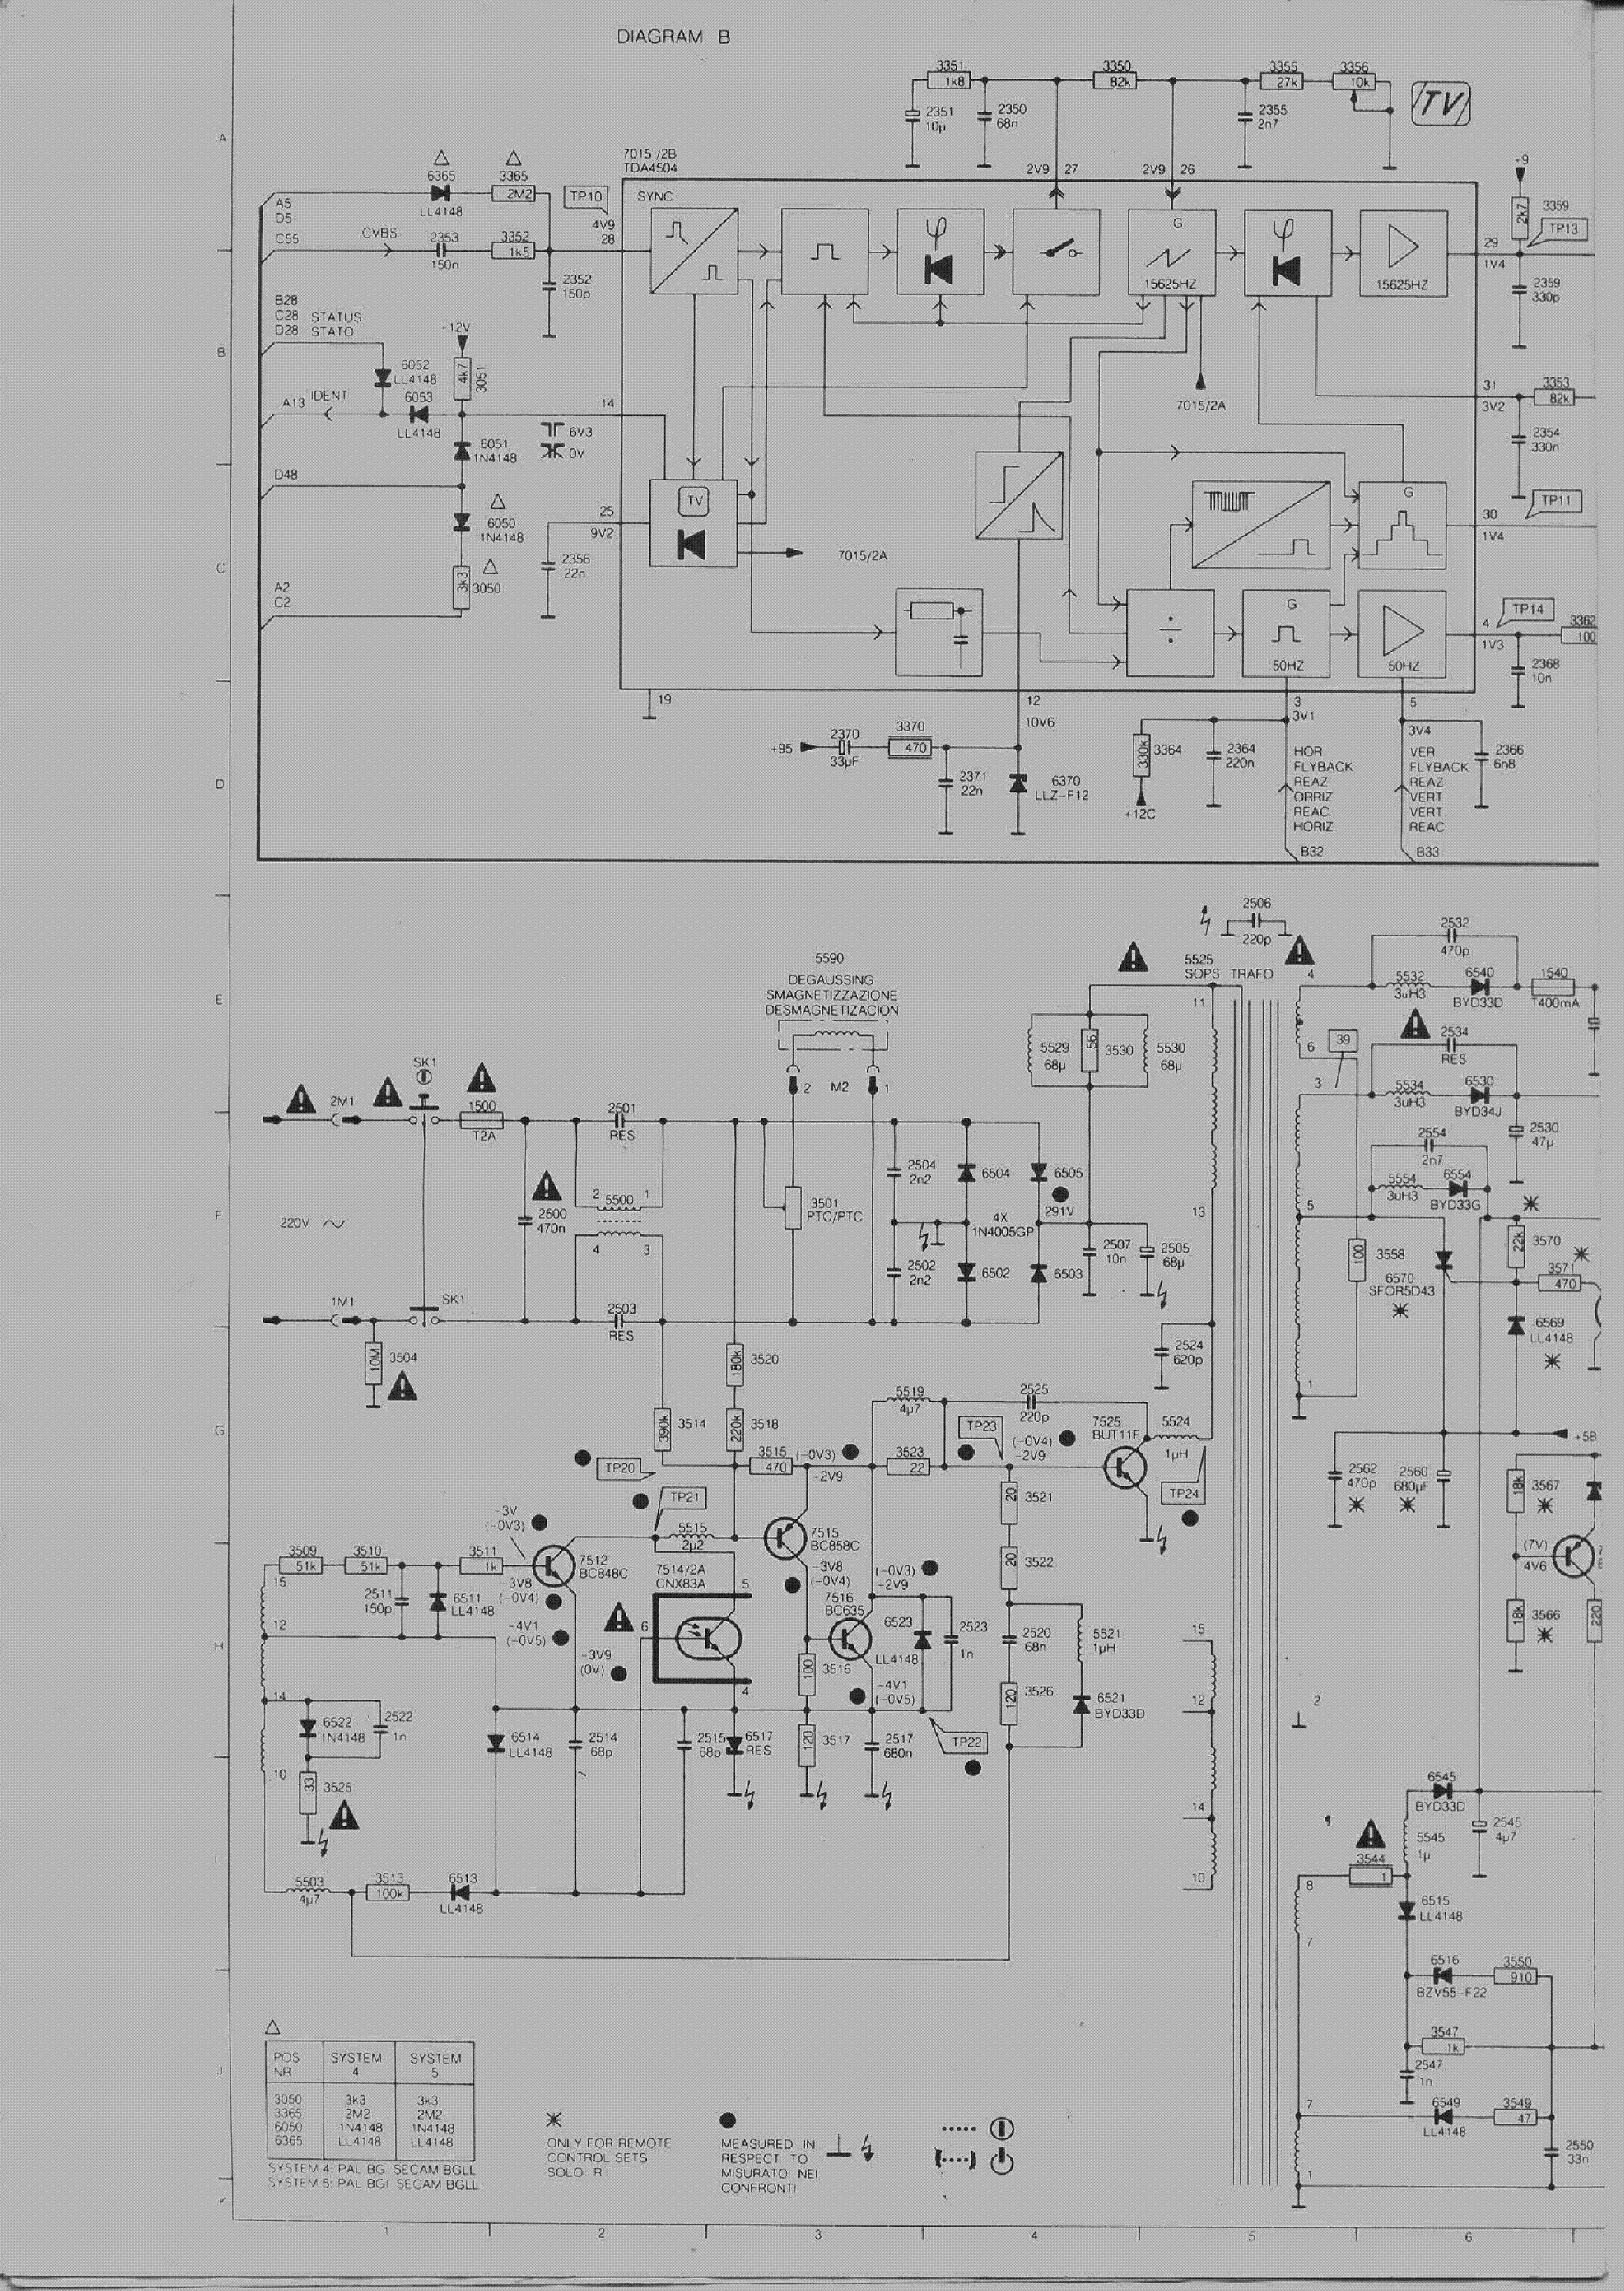 инструкция philips 14pt135a